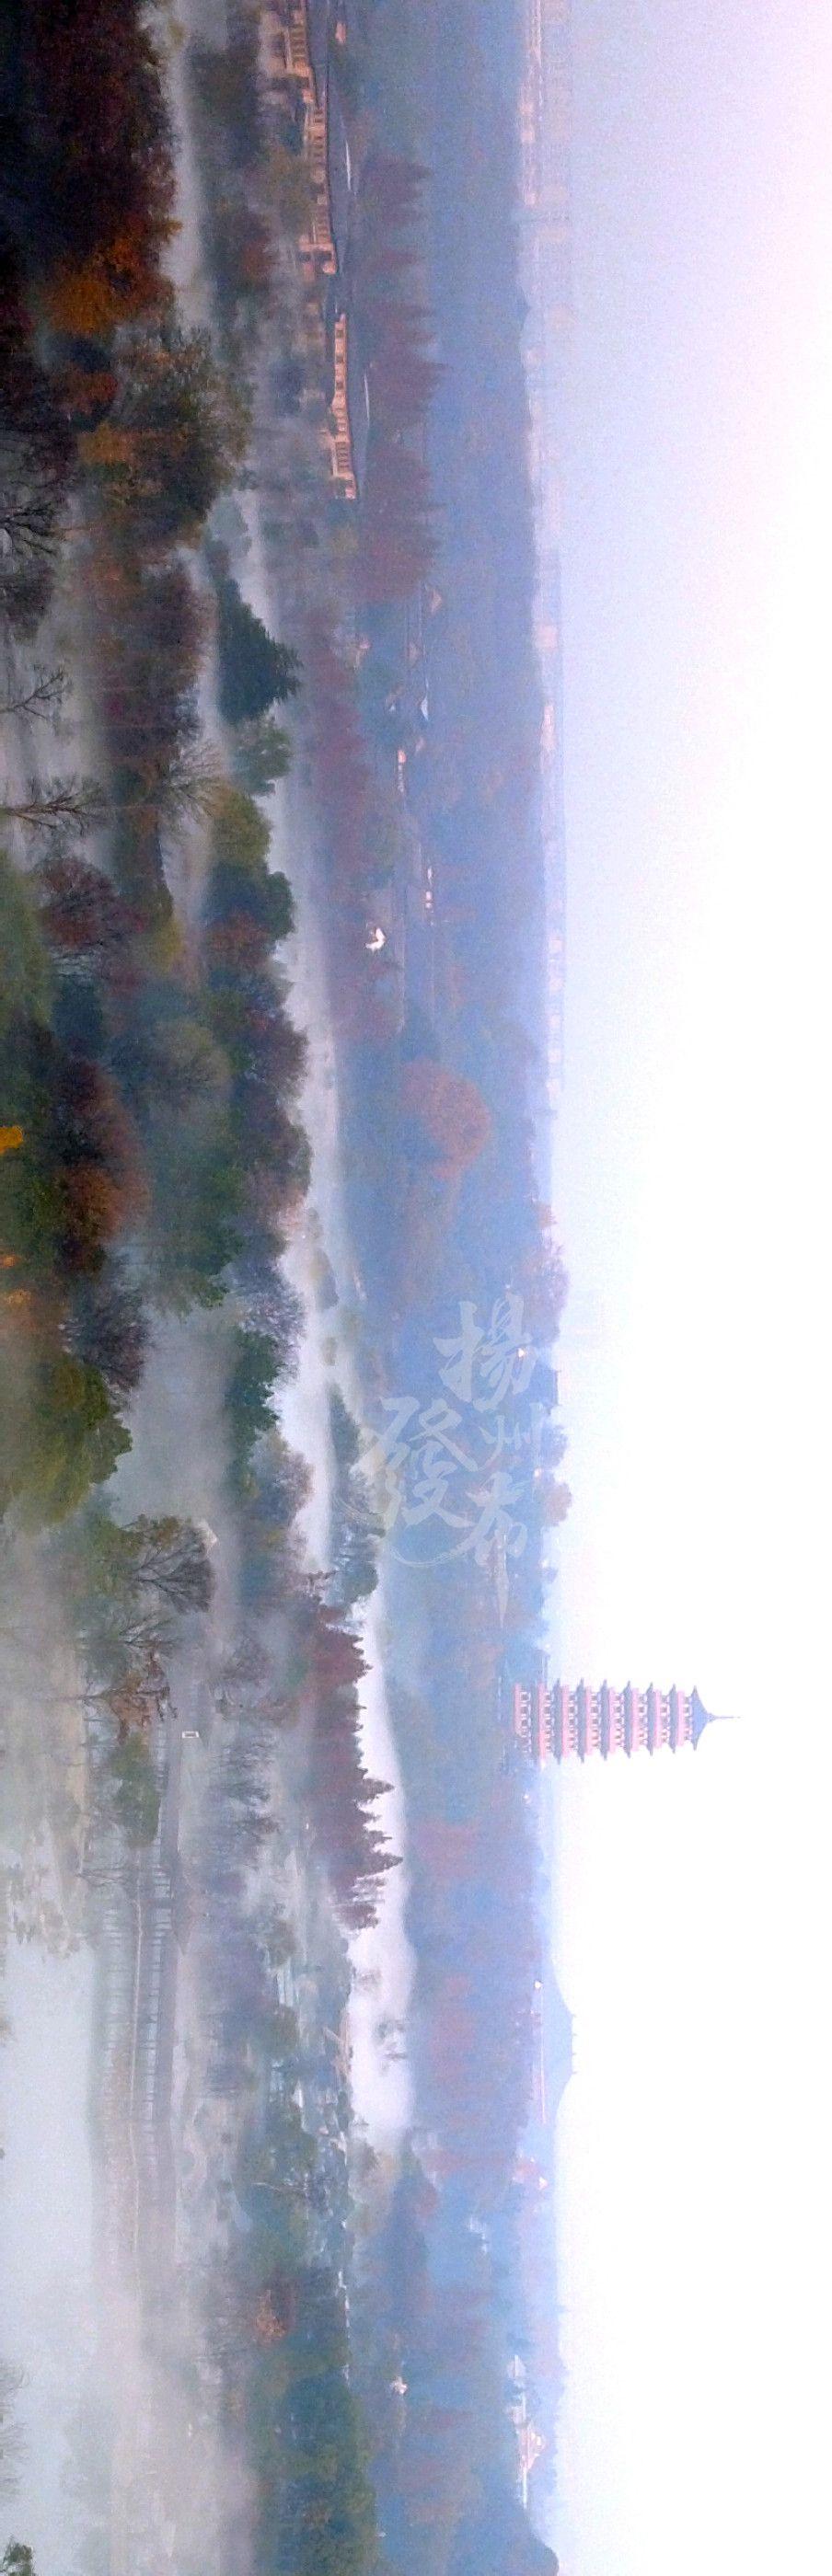 """听说,今日清晨扬州入了""""仙境""""!高清大图来袭~(二)"""